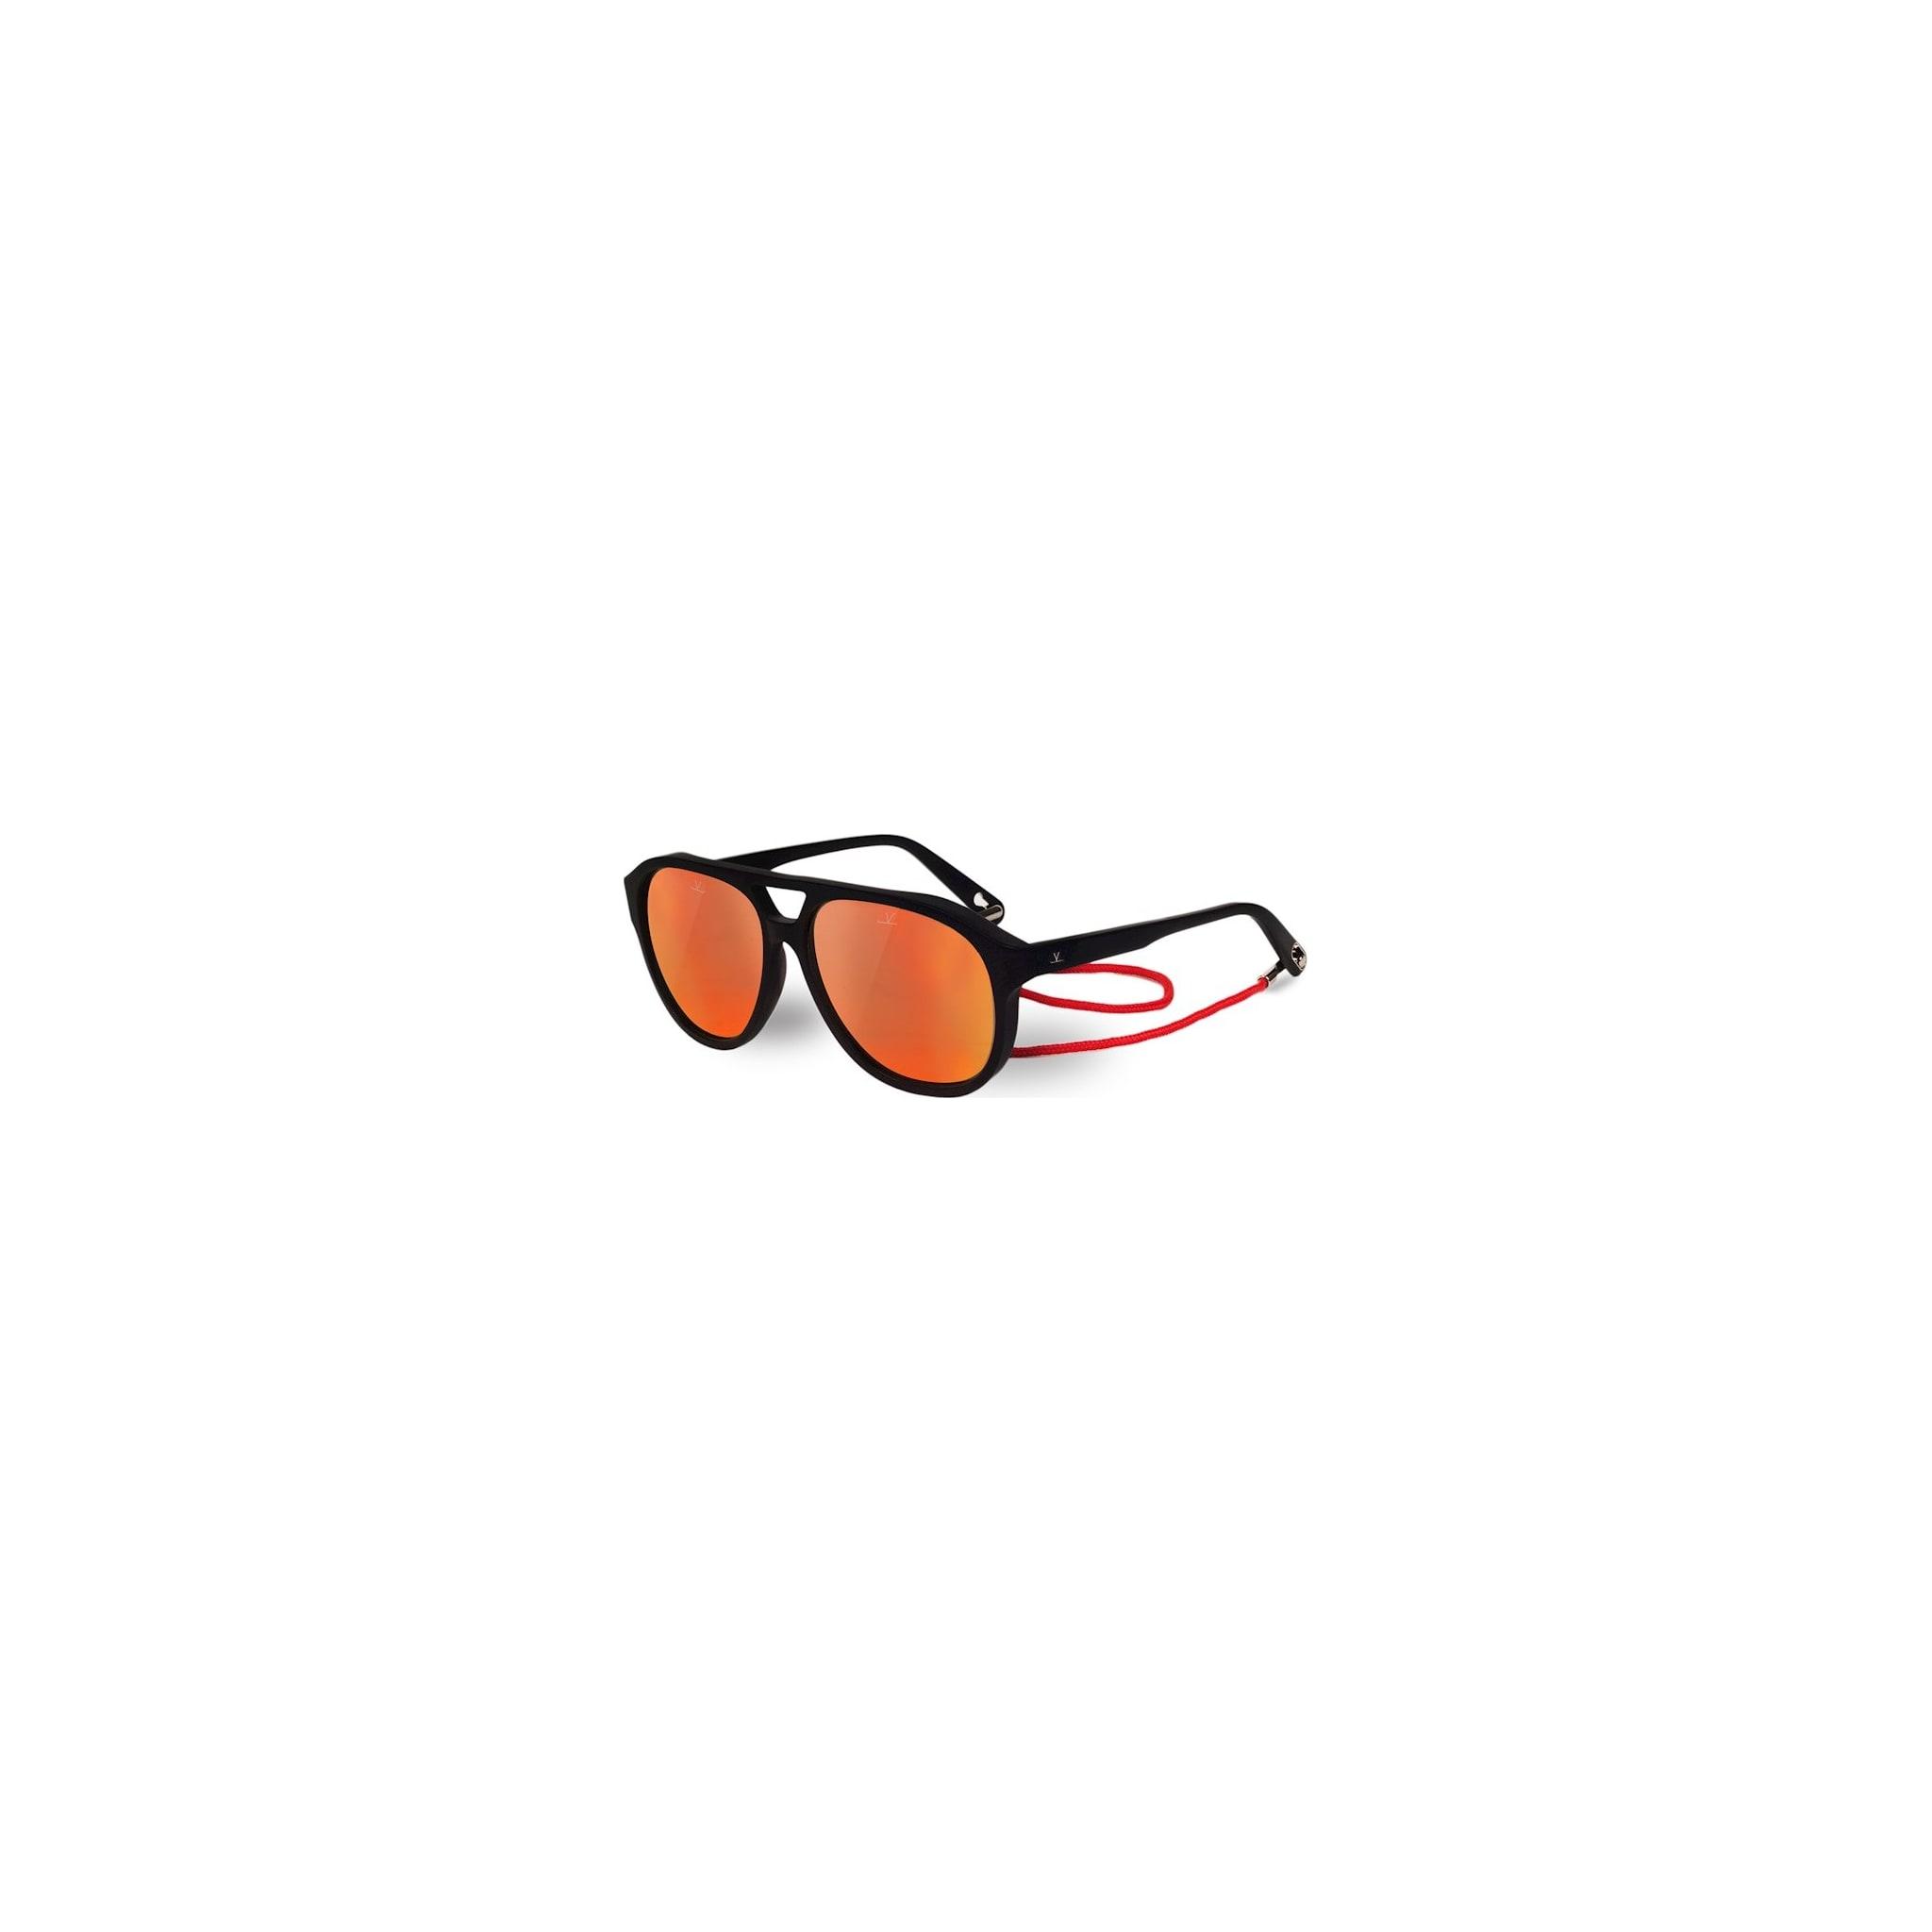 Høy kvalitet og tekniske detaljer pakket inn i en retrobrille